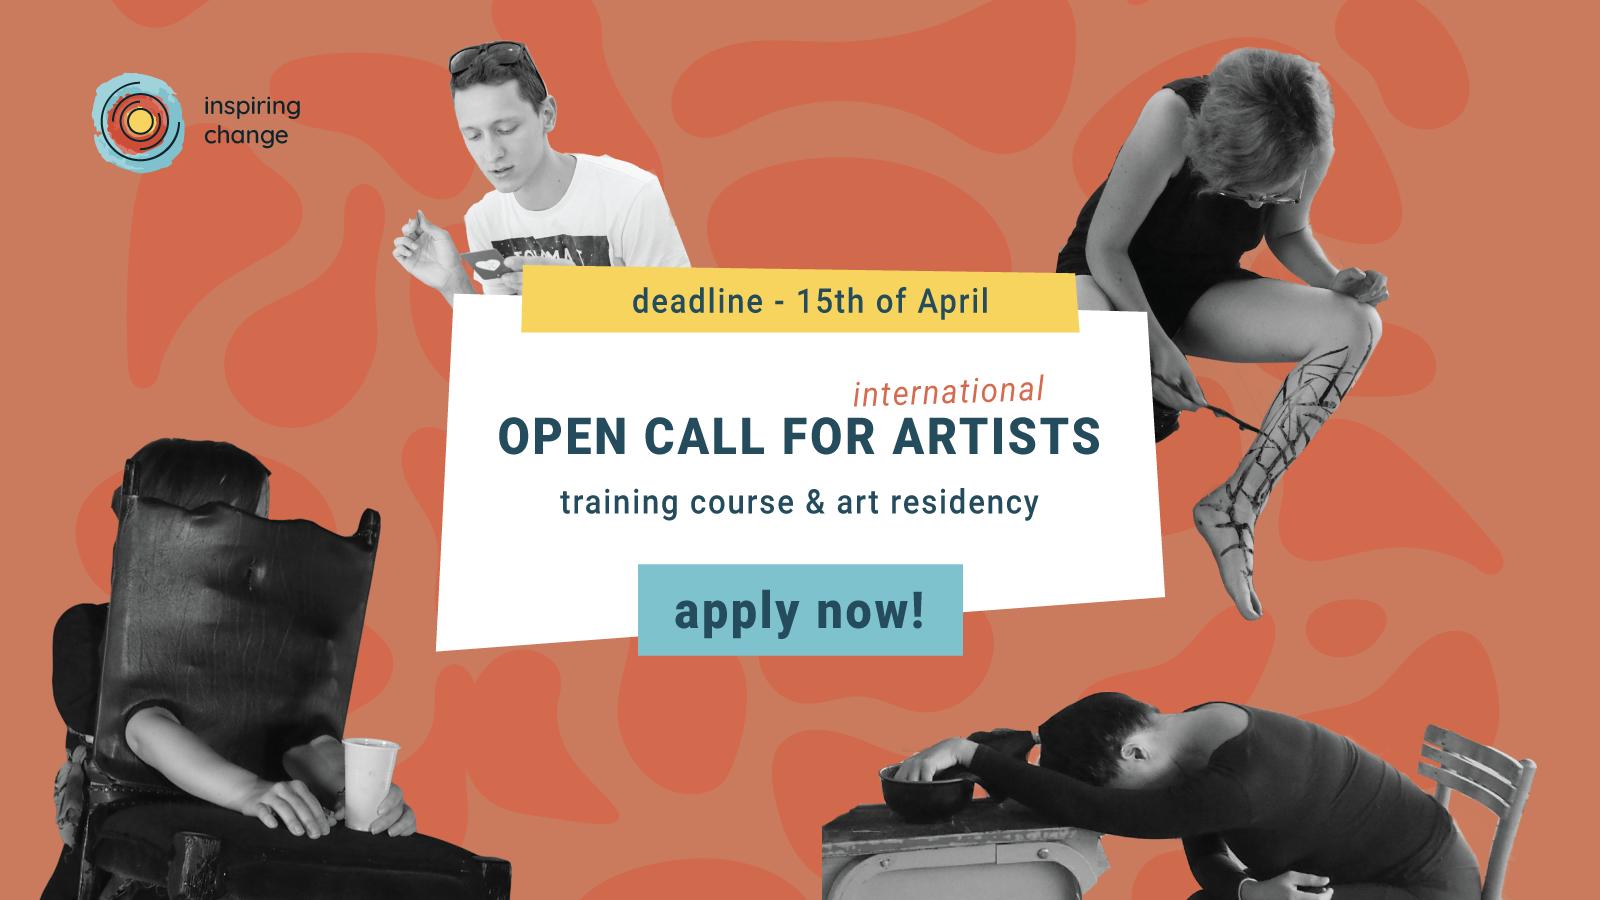 inspiring change open call art residency